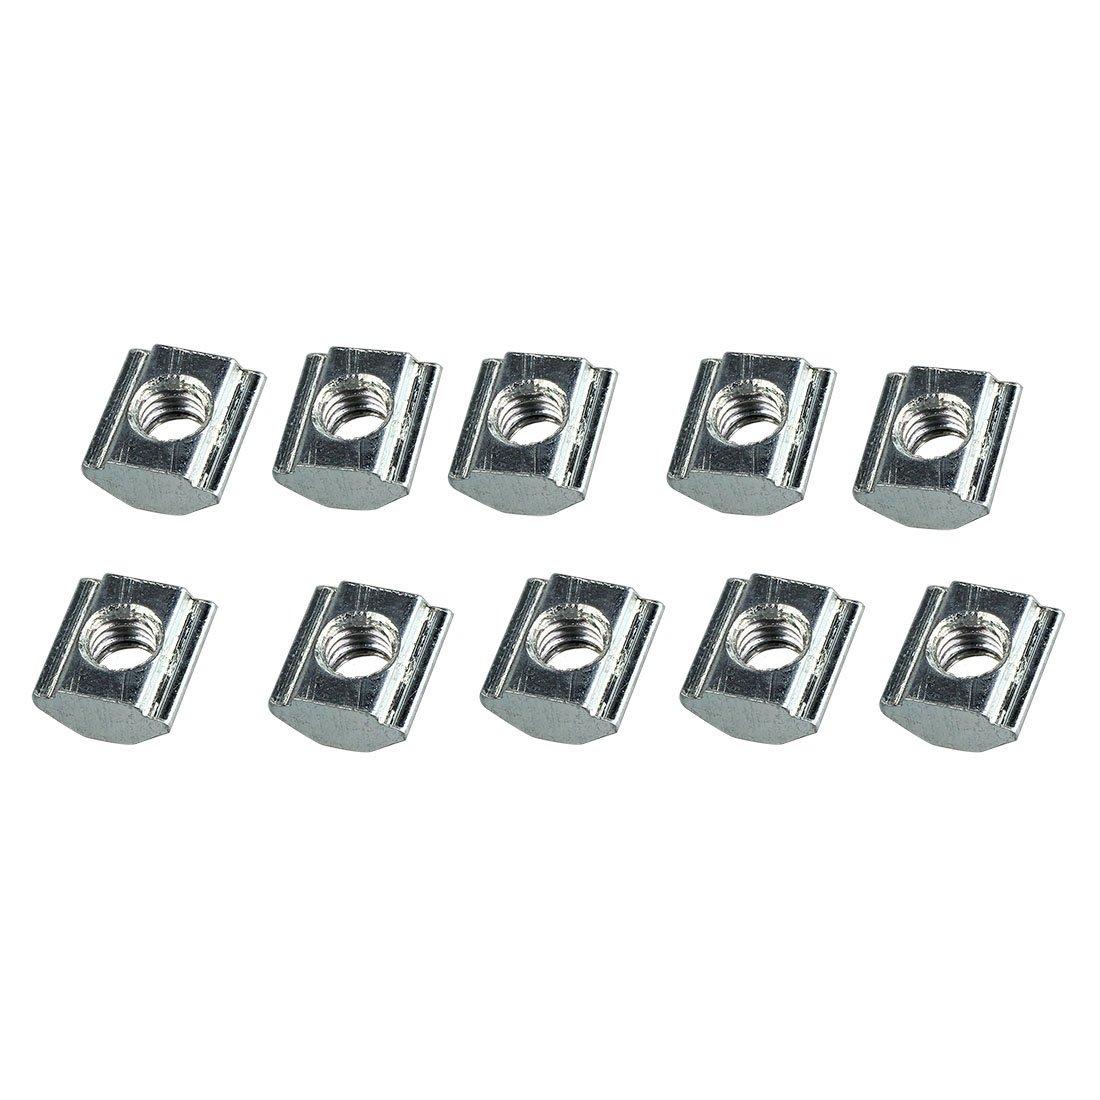 R Dadi a fessura T Dadi a fessura T di tipo M5 per 20 serie di 10 pezzi 80//20 pollici. SODIAL